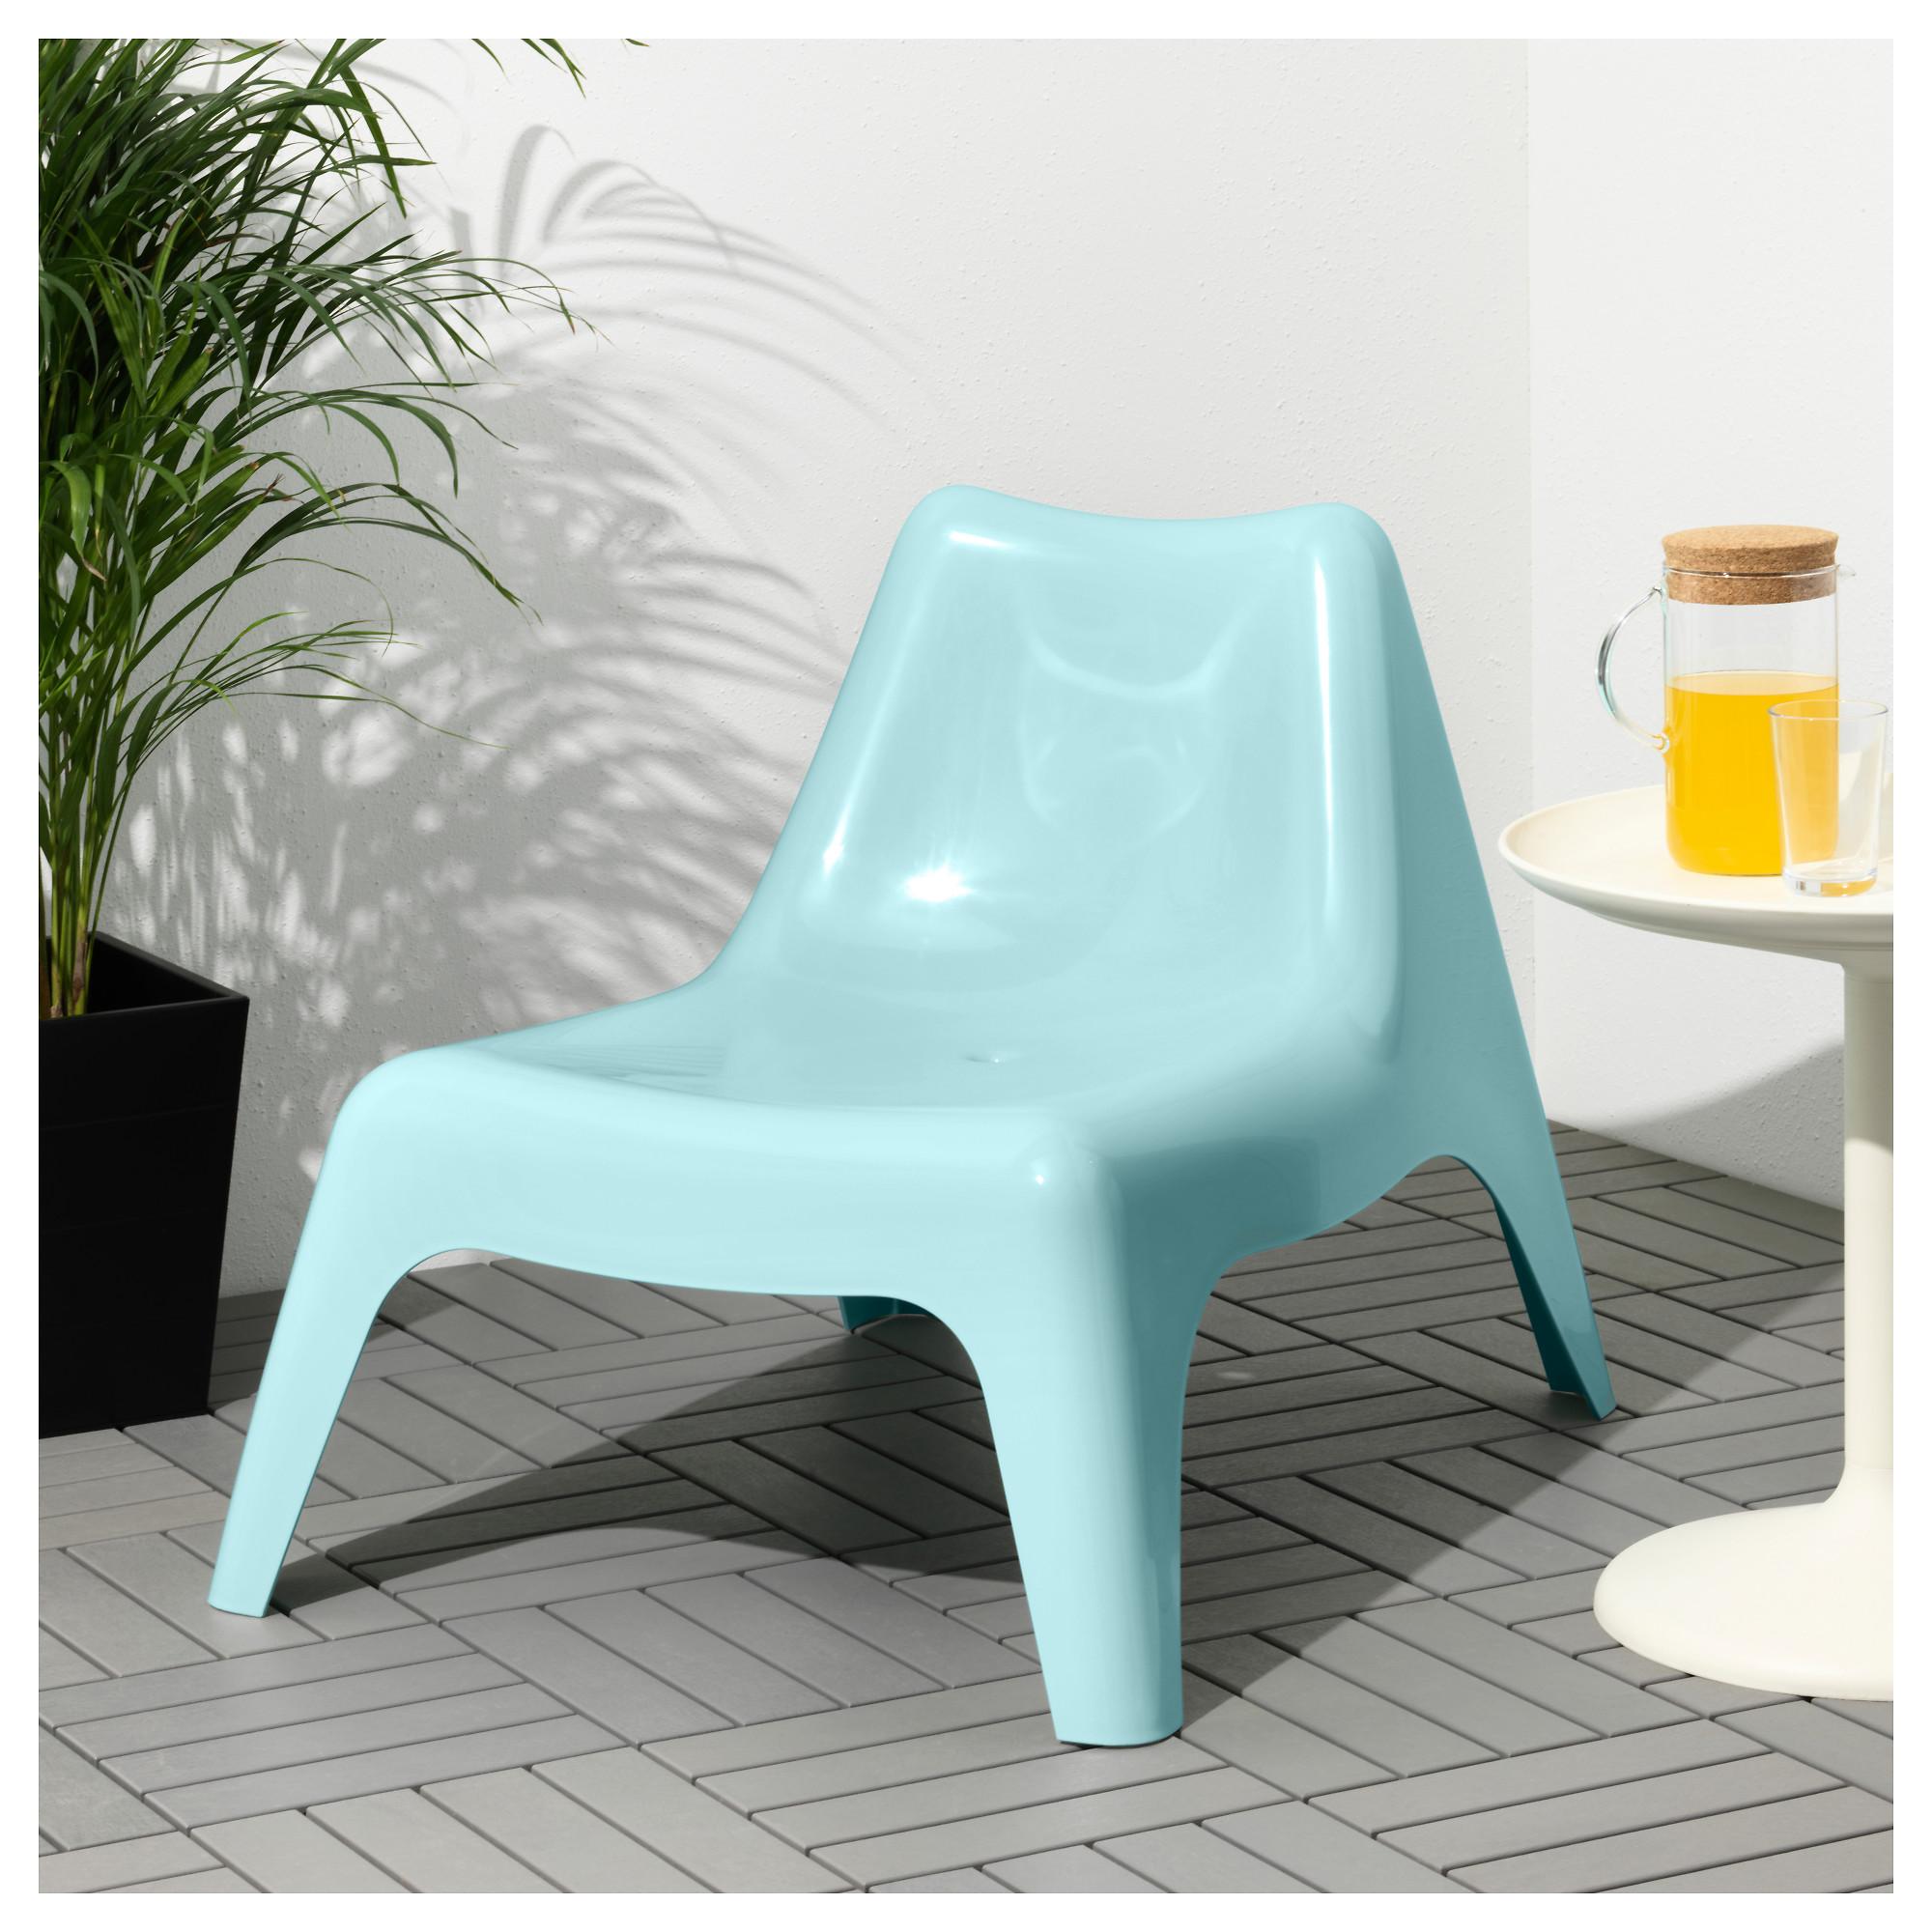 fauteuil koeienprint fauteuil design boule uspherau pivotant blanc with fauteuil koeienprint. Black Bedroom Furniture Sets. Home Design Ideas